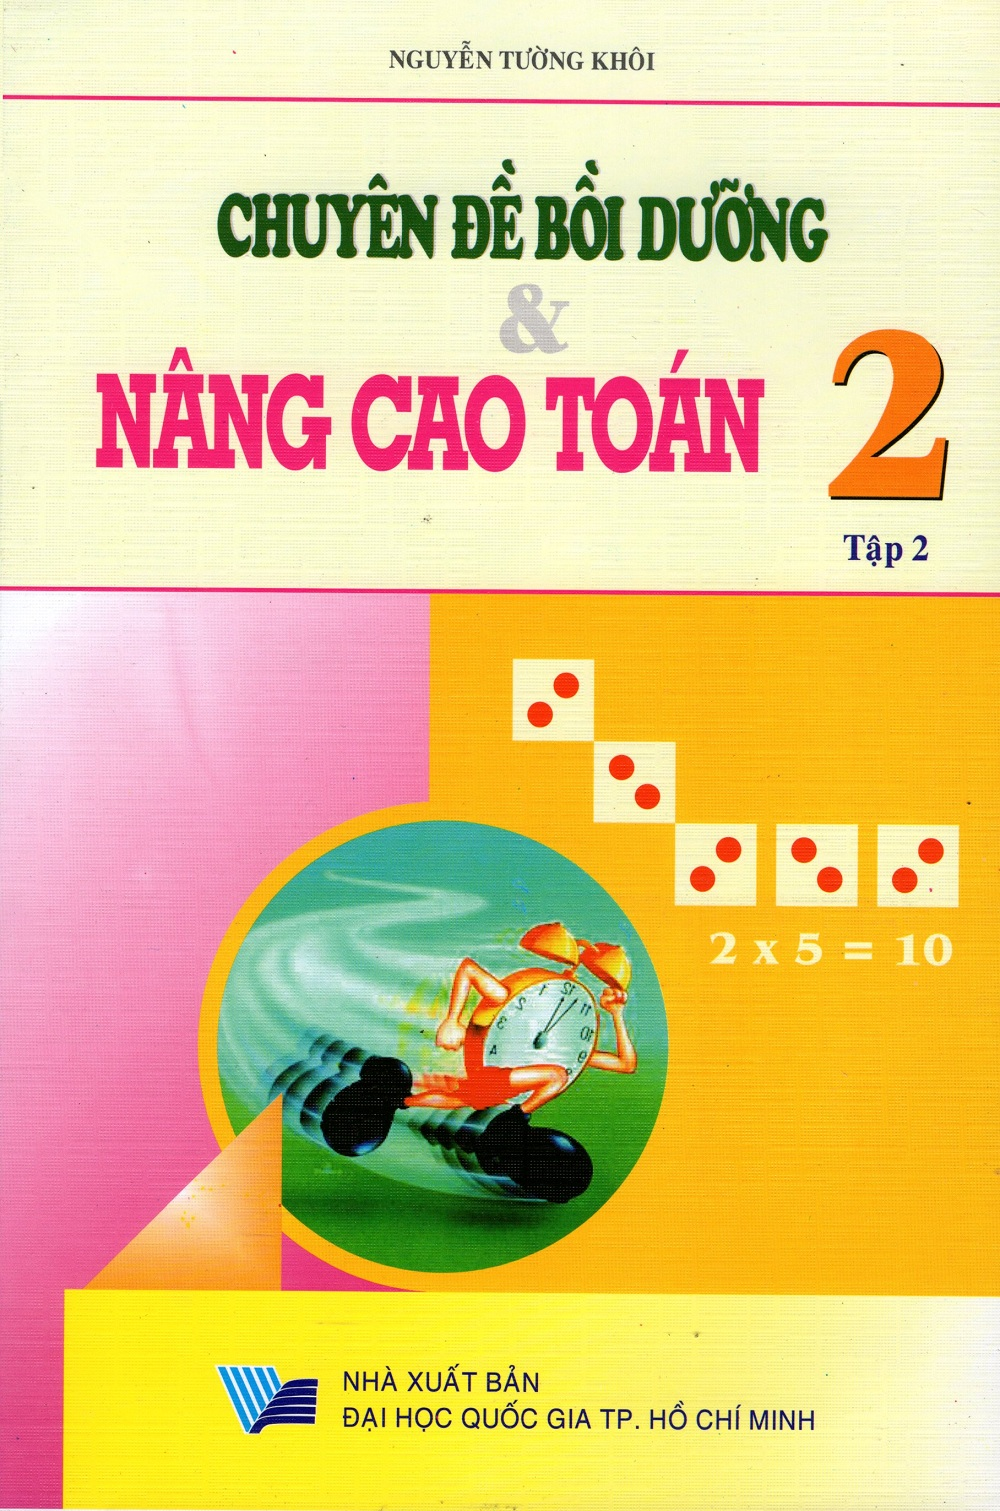 Chuyên Đề Bồi Dưỡng Và Nâng Cao Toán Lớp 2 (Tập 2) - 8936036305814,62_219685,22000,tiki.vn,Chuyen-De-Boi-Duong-Va-Nang-Cao-Toan-Lop-2-Tap-2-62_219685,Chuyên Đề Bồi Dưỡng Và Nâng Cao Toán Lớp 2 (Tập 2)